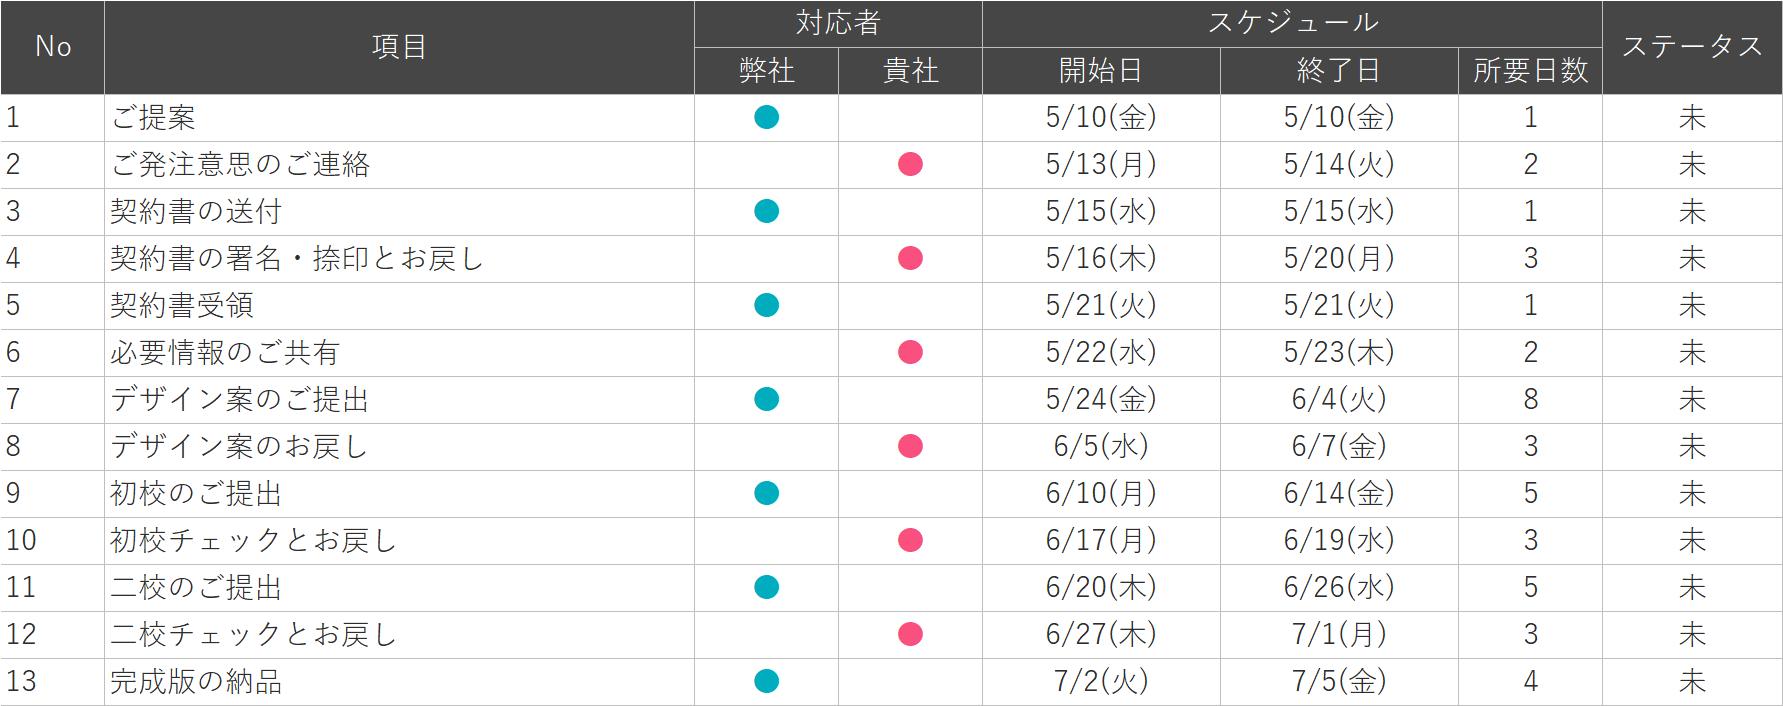 スケジュール表完成イメージ